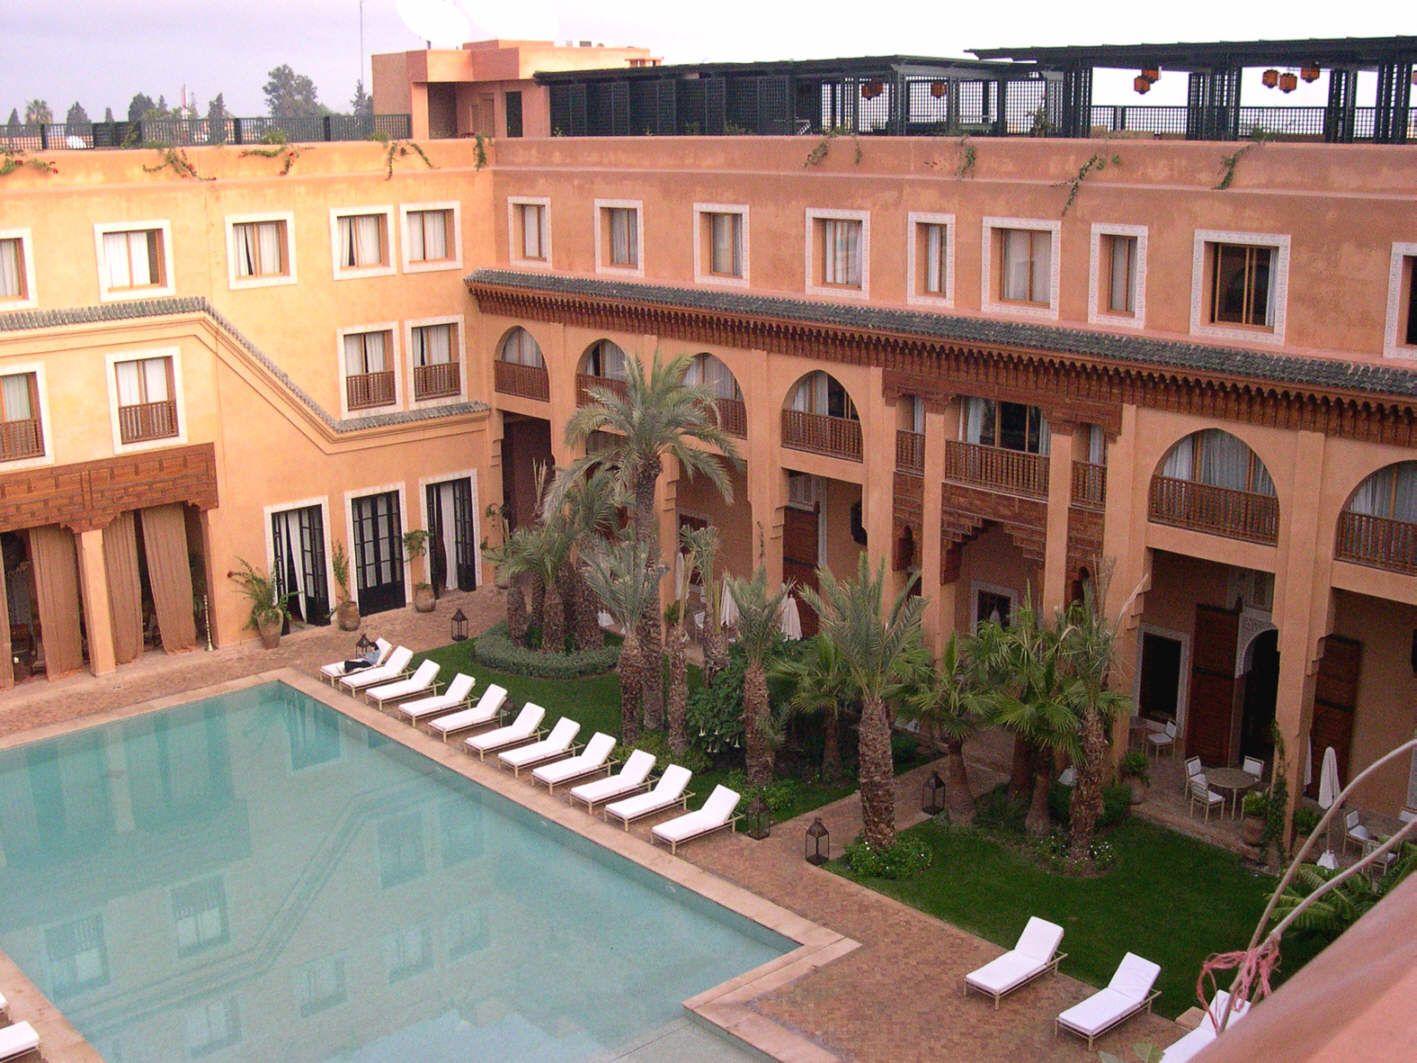 marrakech consigli utili per l hammam locale e le migliori spa bigodino. Black Bedroom Furniture Sets. Home Design Ideas